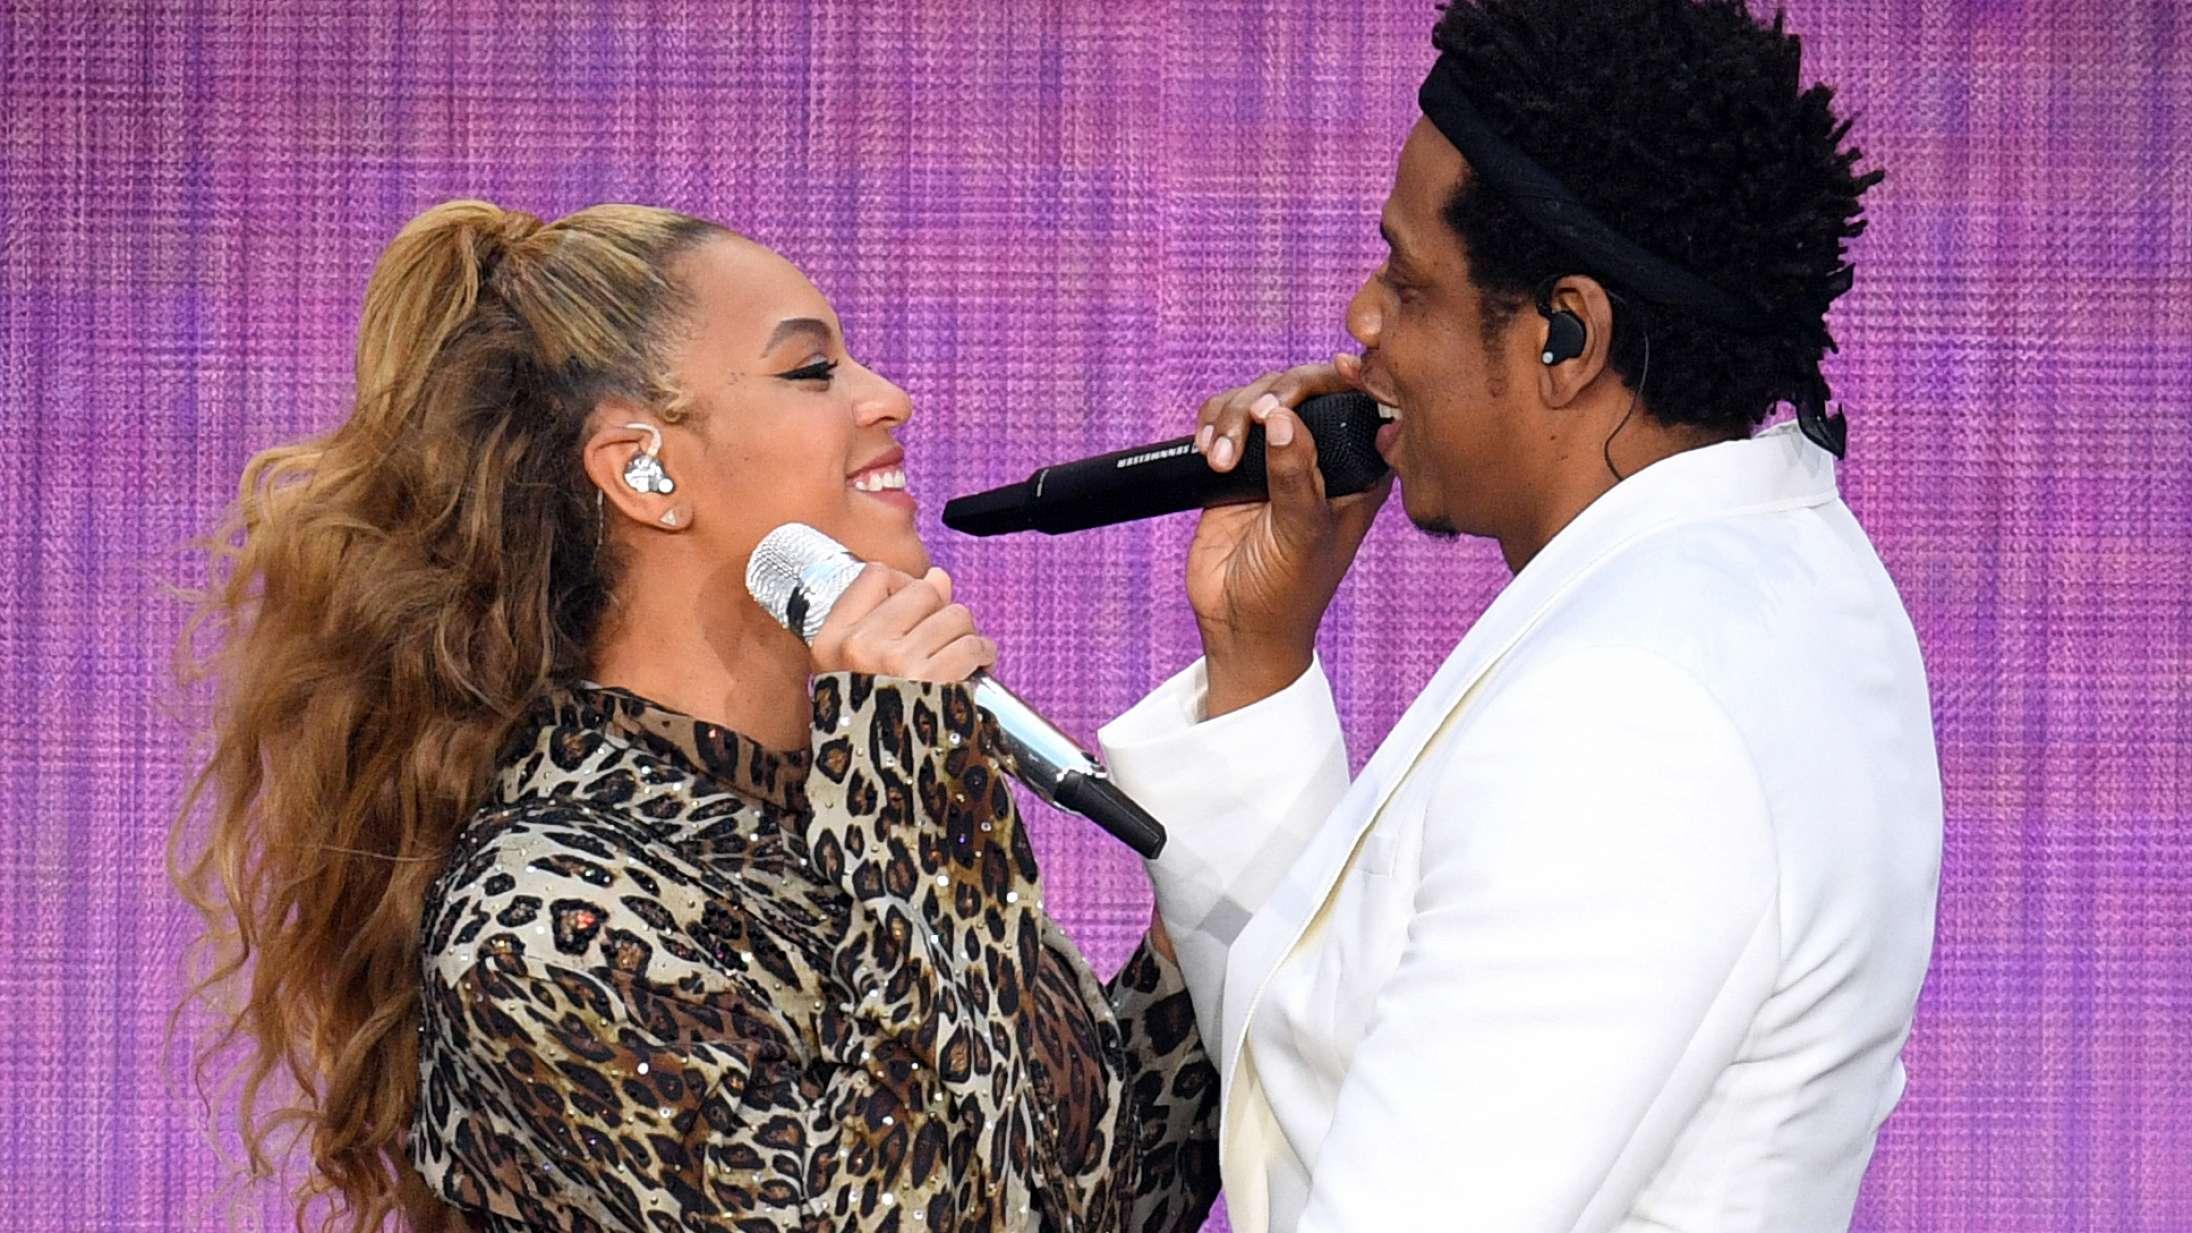 Hvem giver de bedste råd: Jay-Z eller Beyoncé?